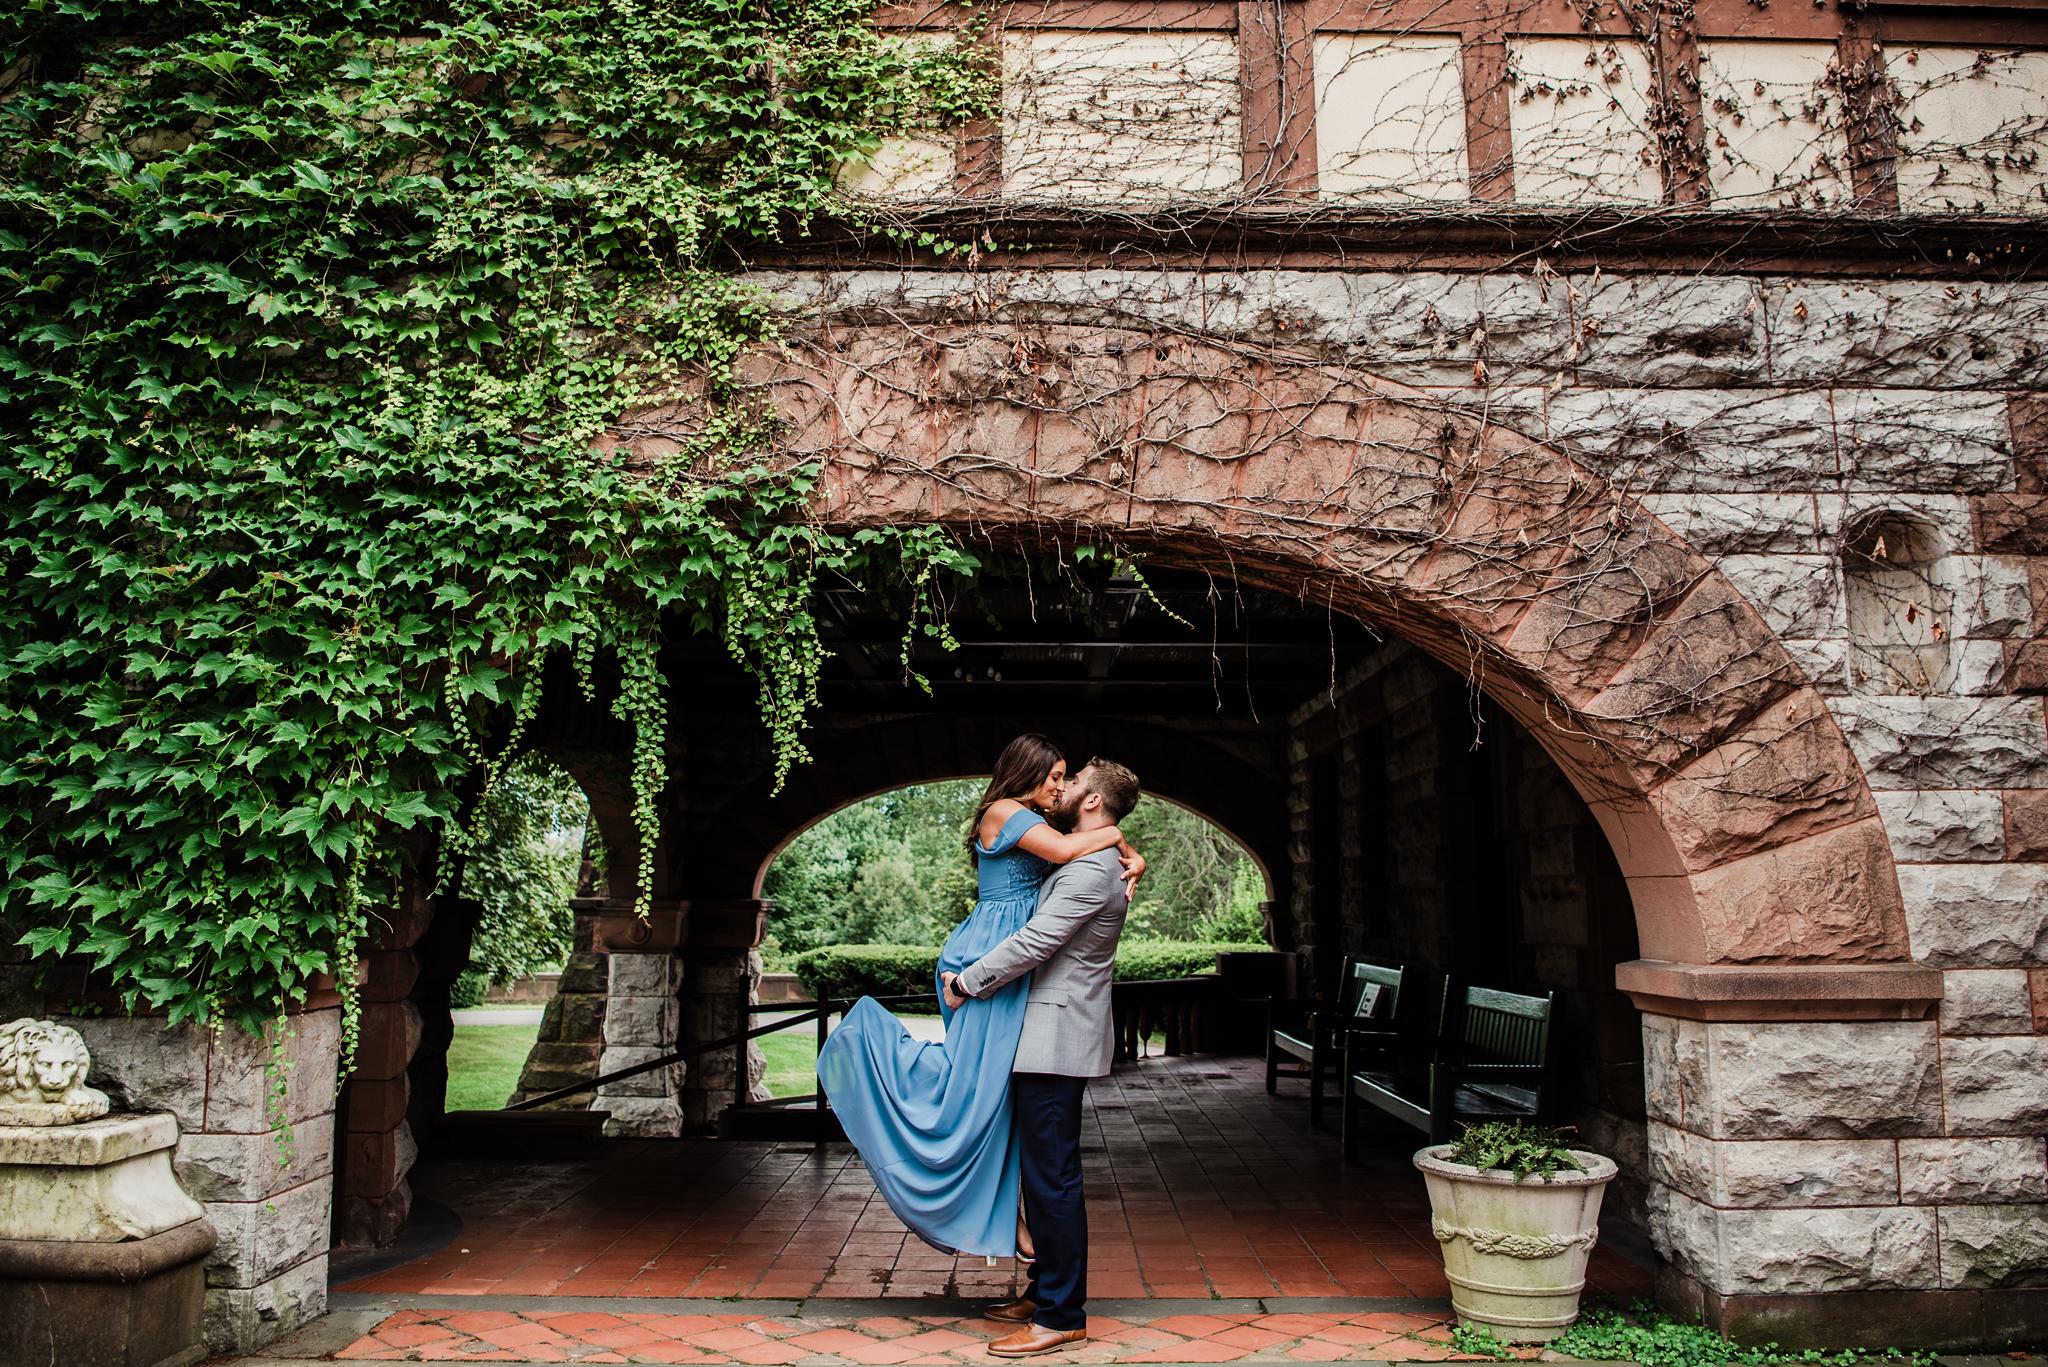 Sonnenberg_Gardens_Finger_Lakes_Engagement_Session_JILL_STUDIO_Rochester_NY_Photographer_DSC_1520.jpg